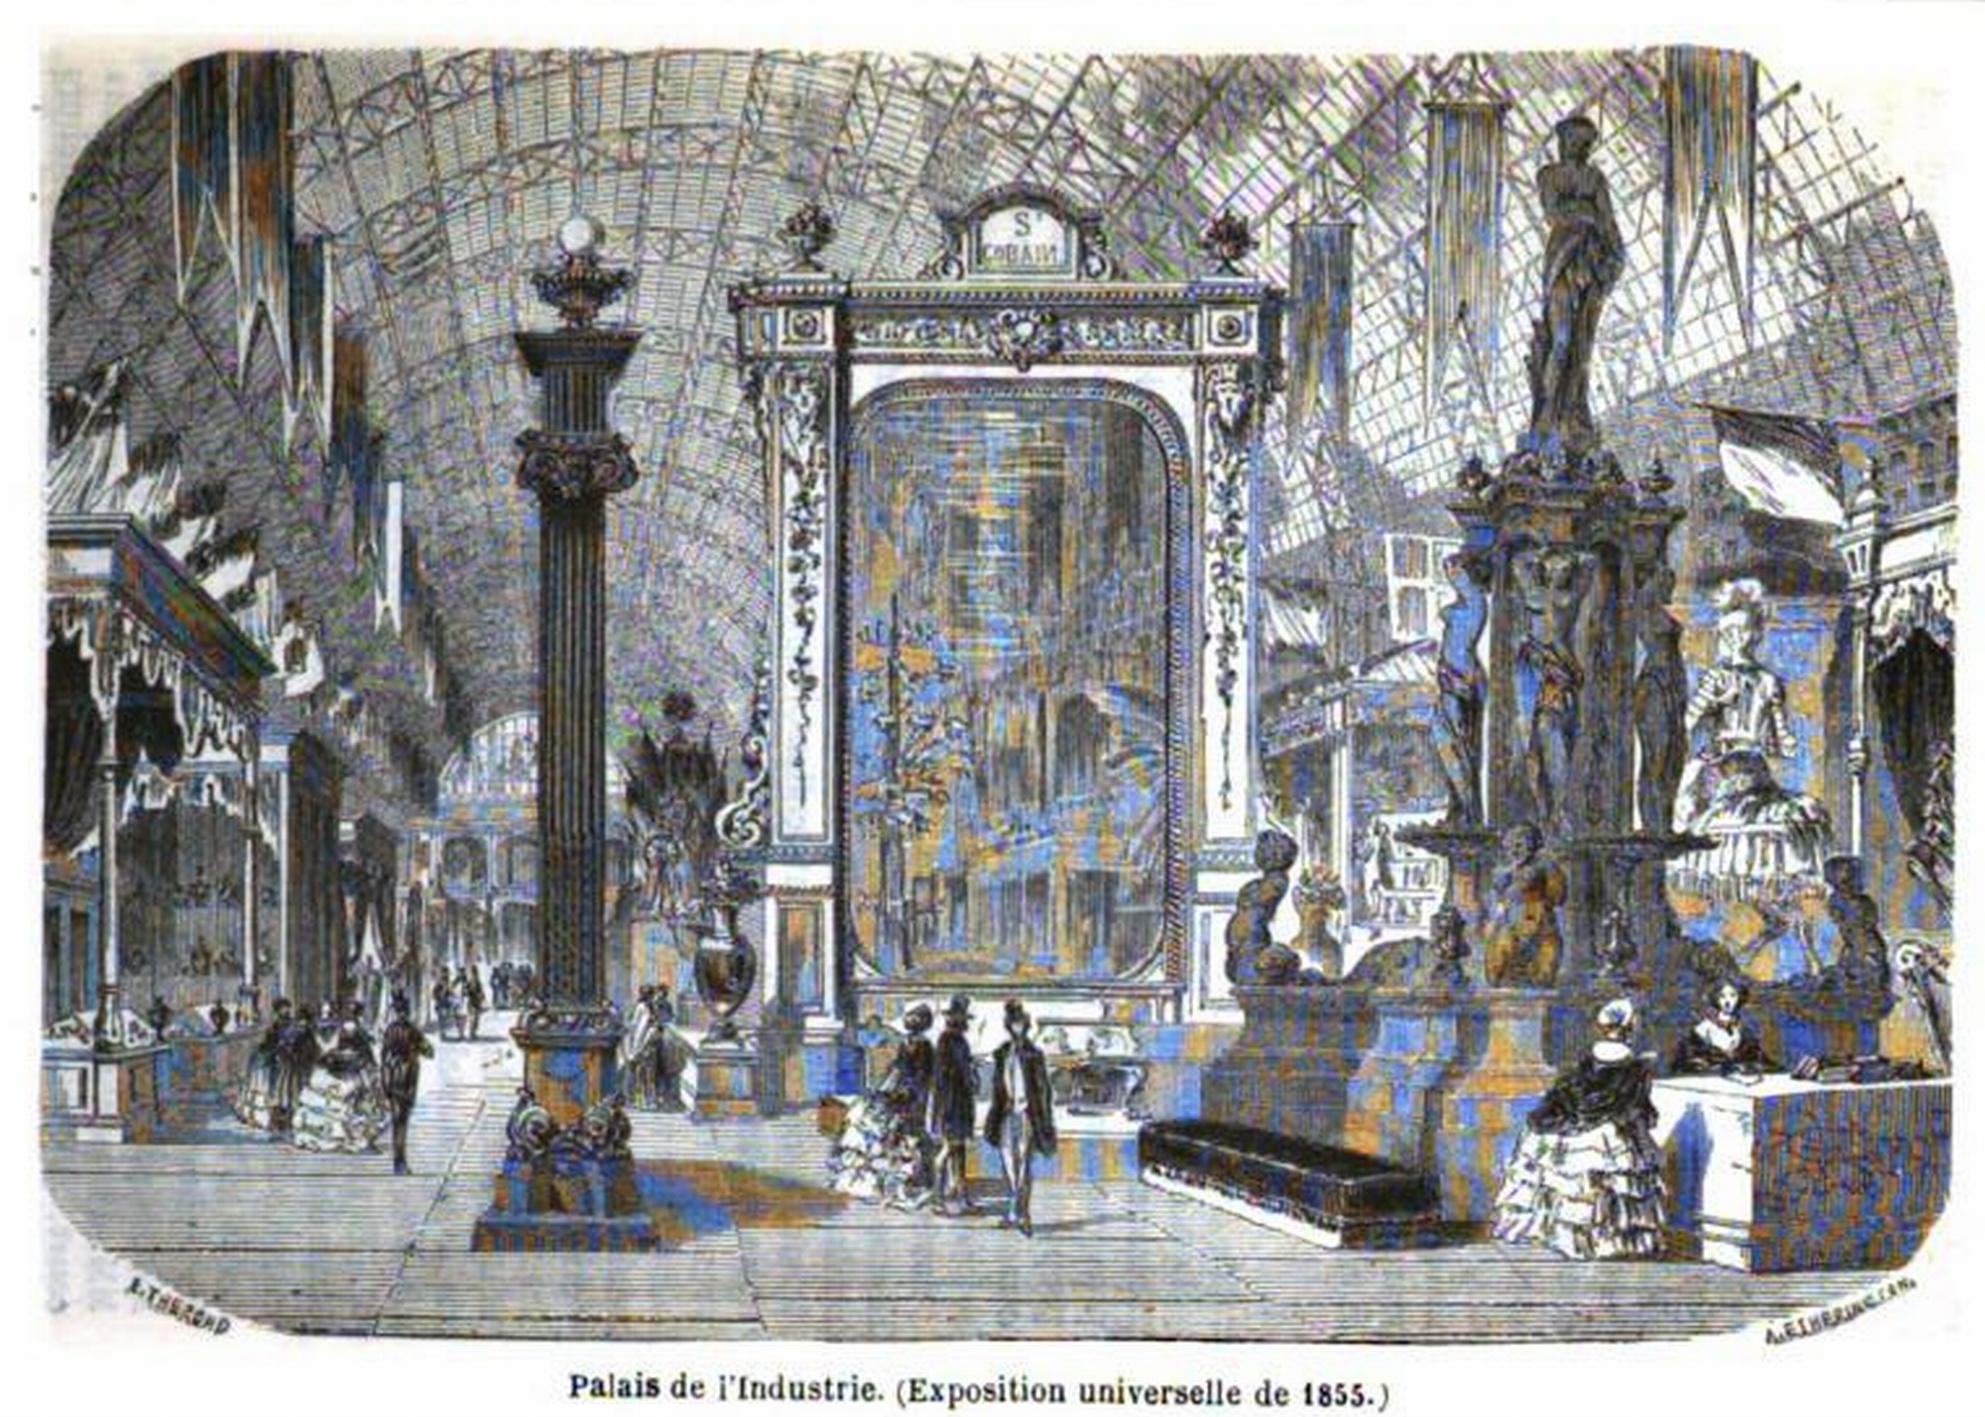 Palais_de_l'Industrie_(Exposition_universelle_de_1855)